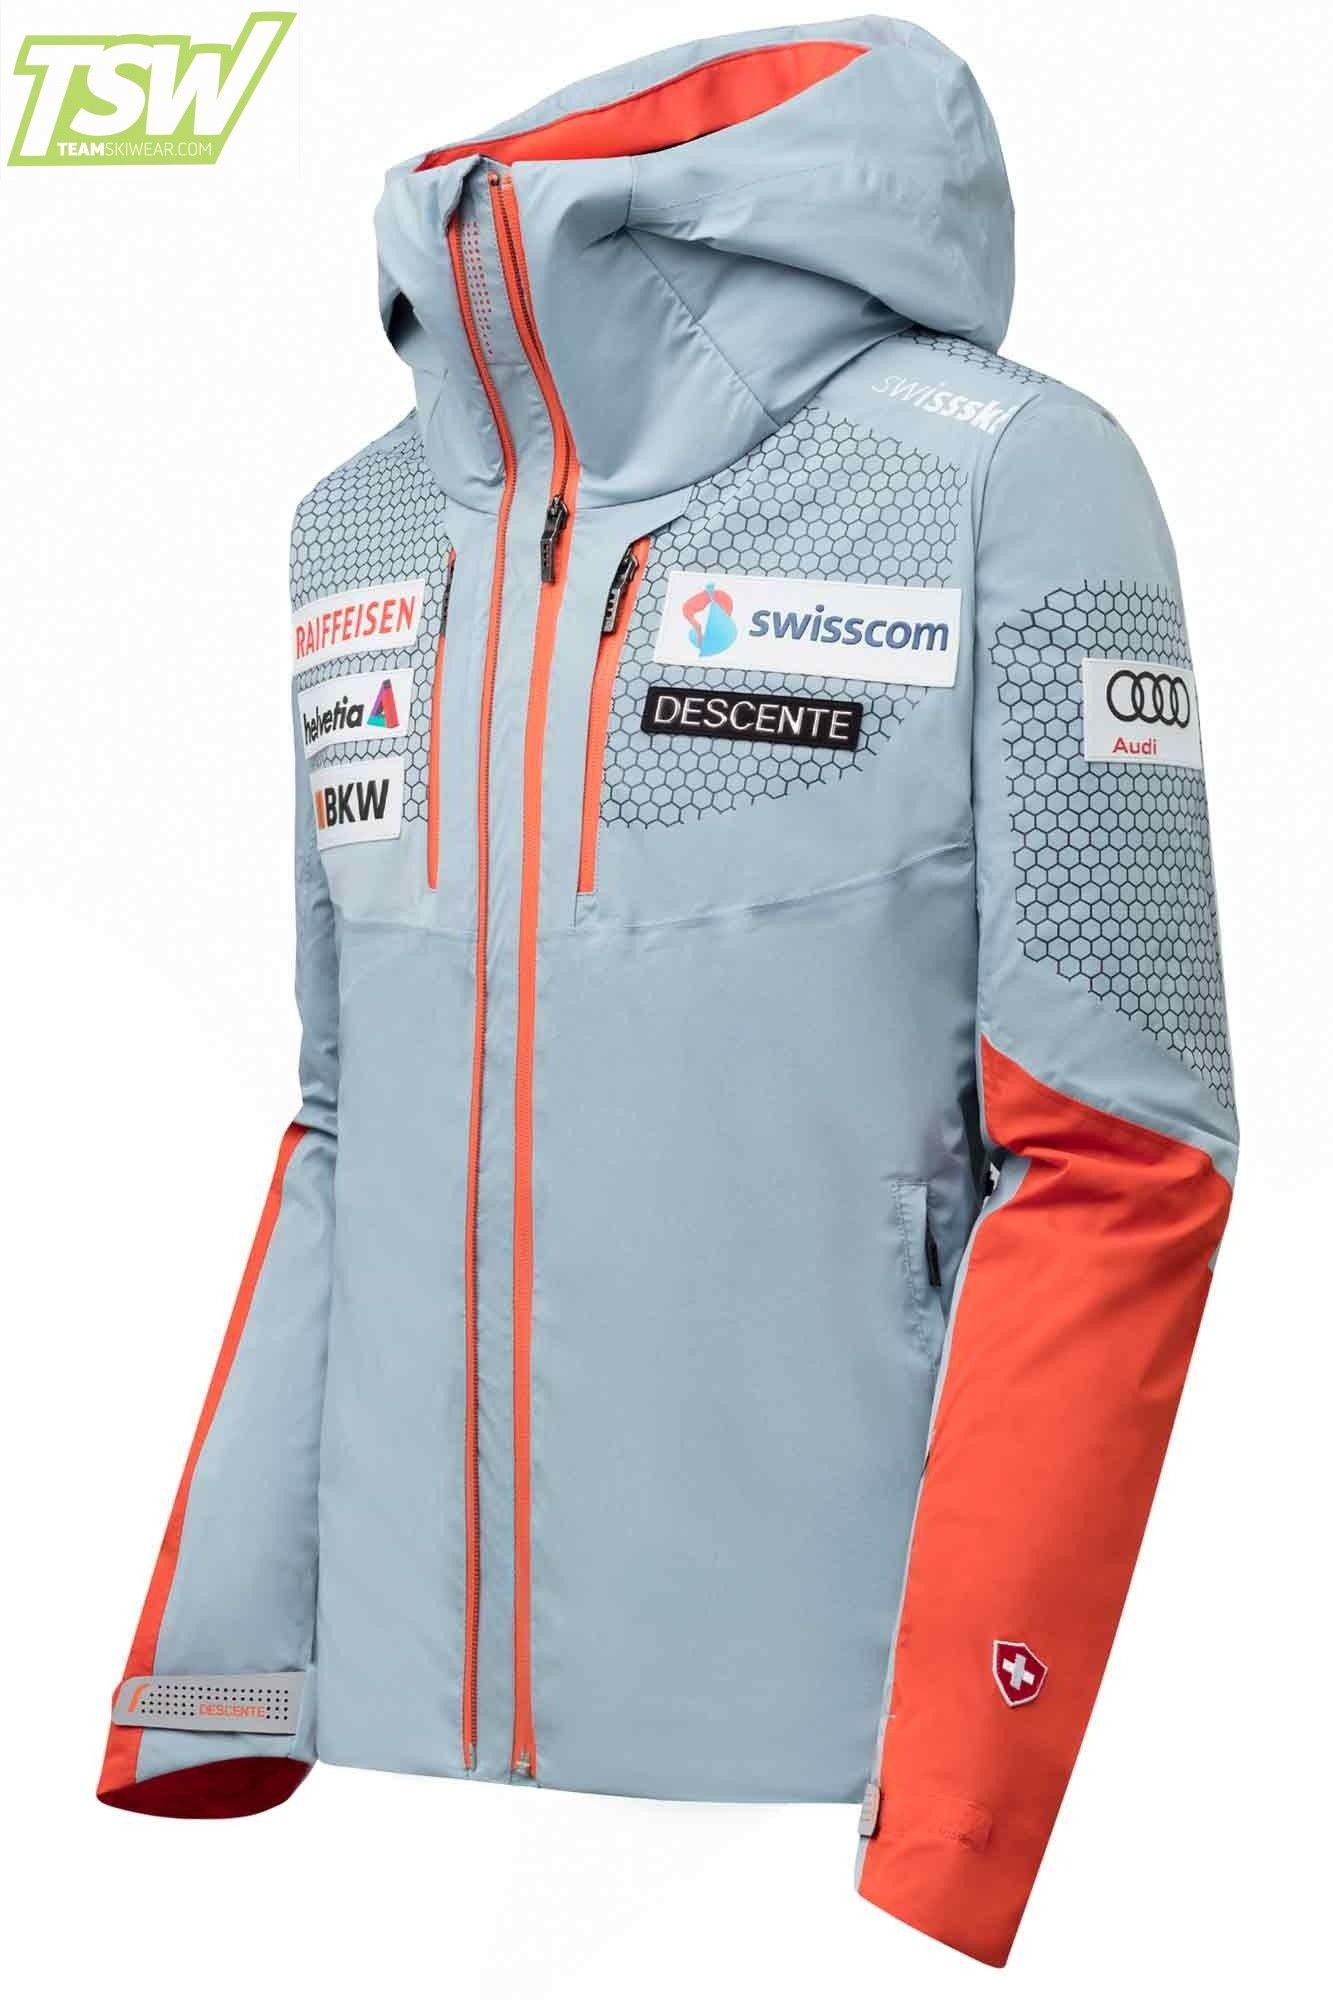 Descente Swiss Ski Team Jacket Titanium Orange | Team